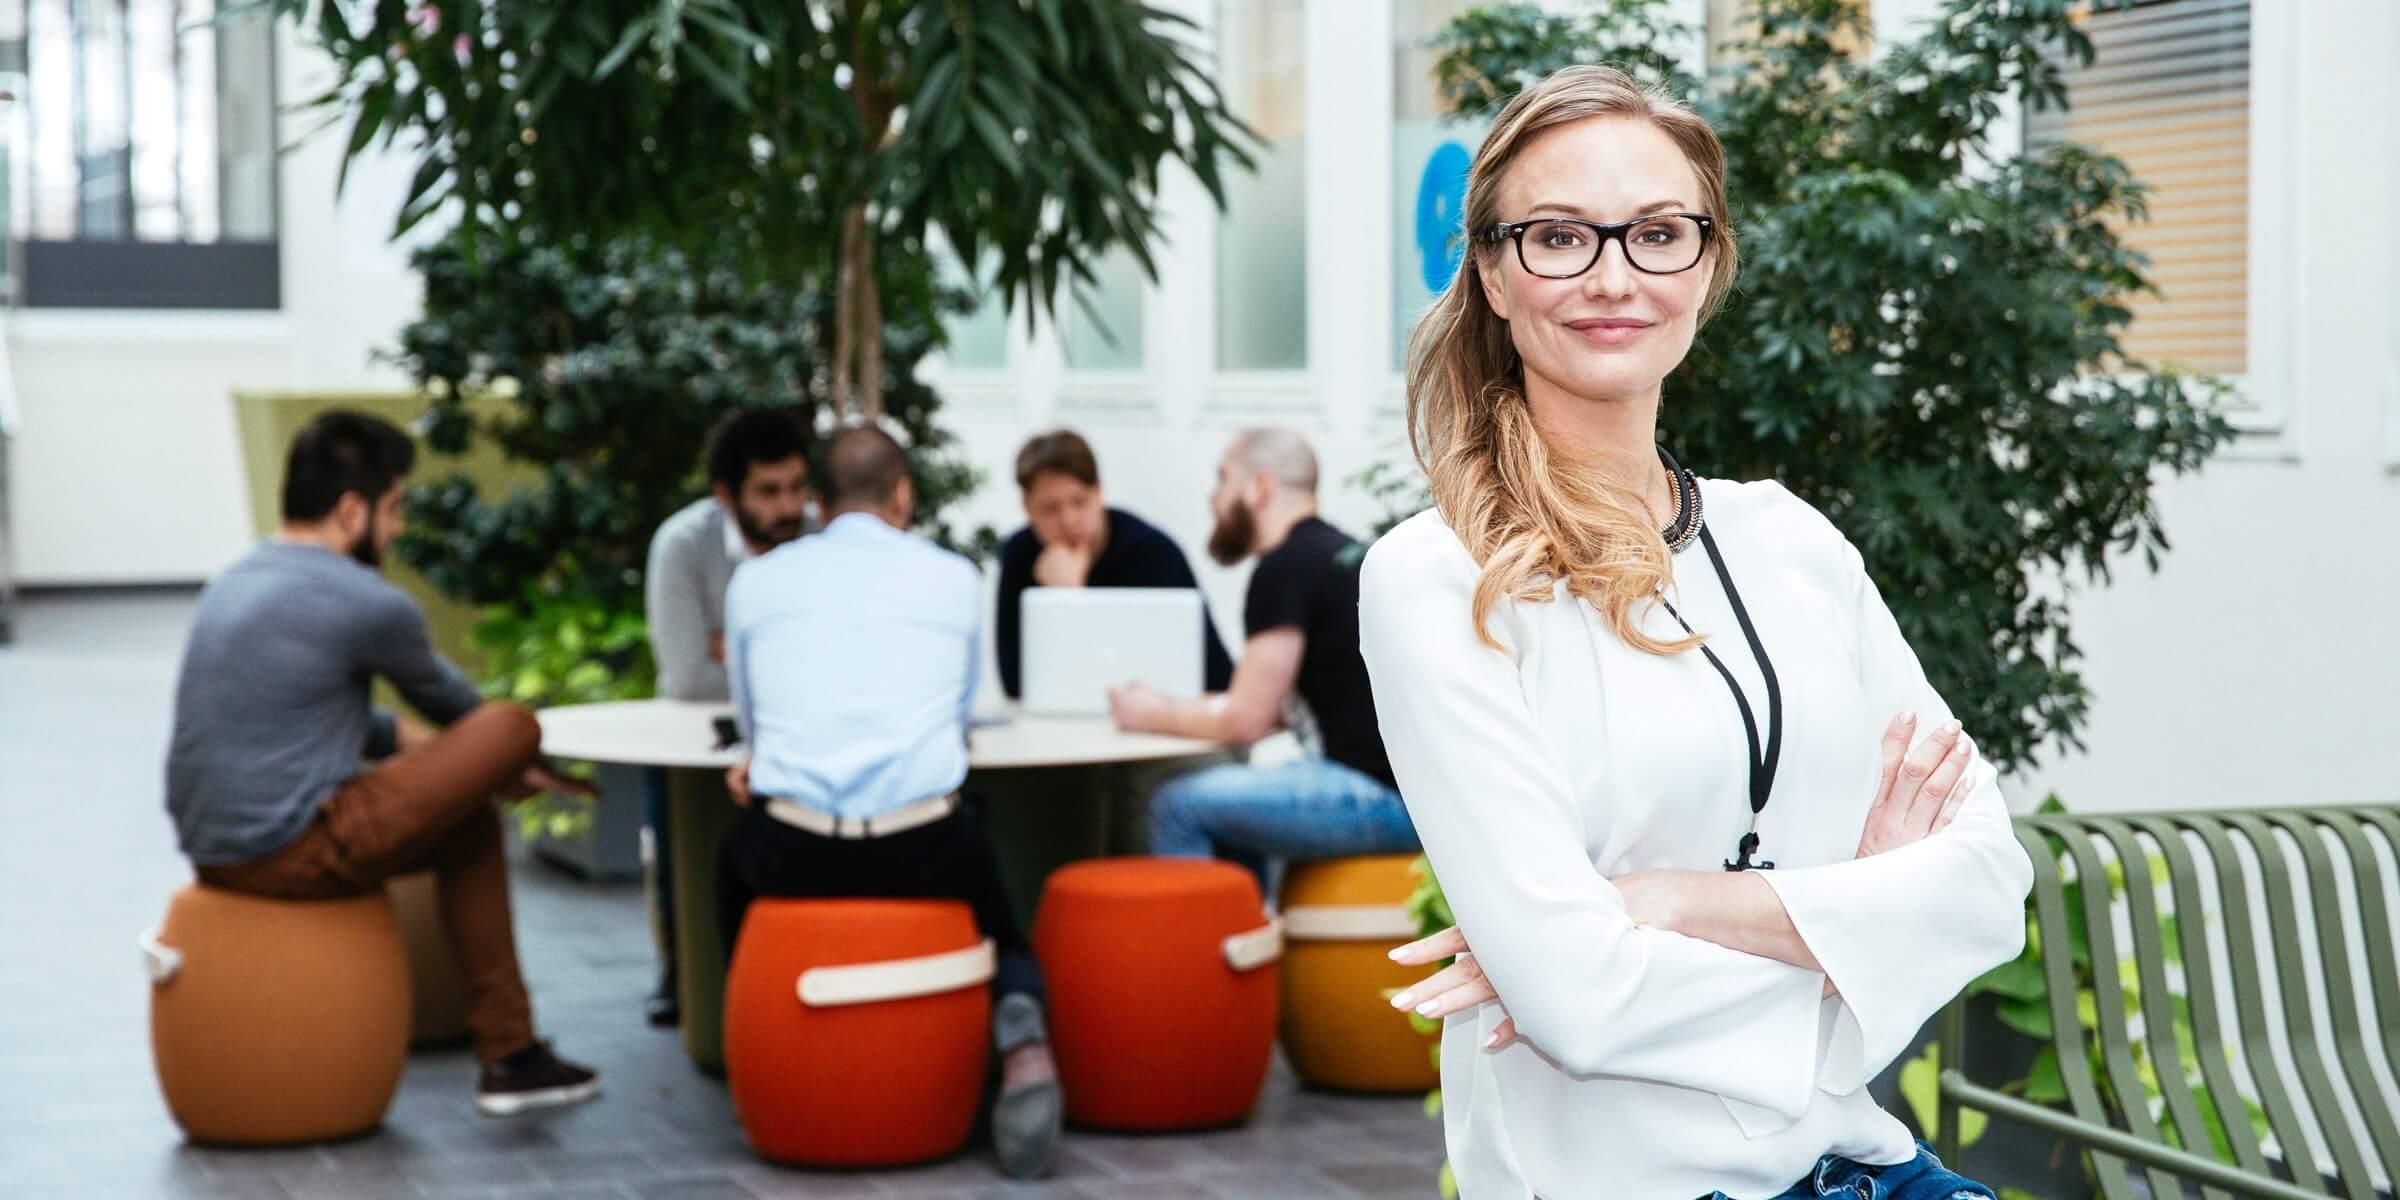 Sveriges ledande tech kvinna Tuva Palm - CTO och CPO på Nordnet